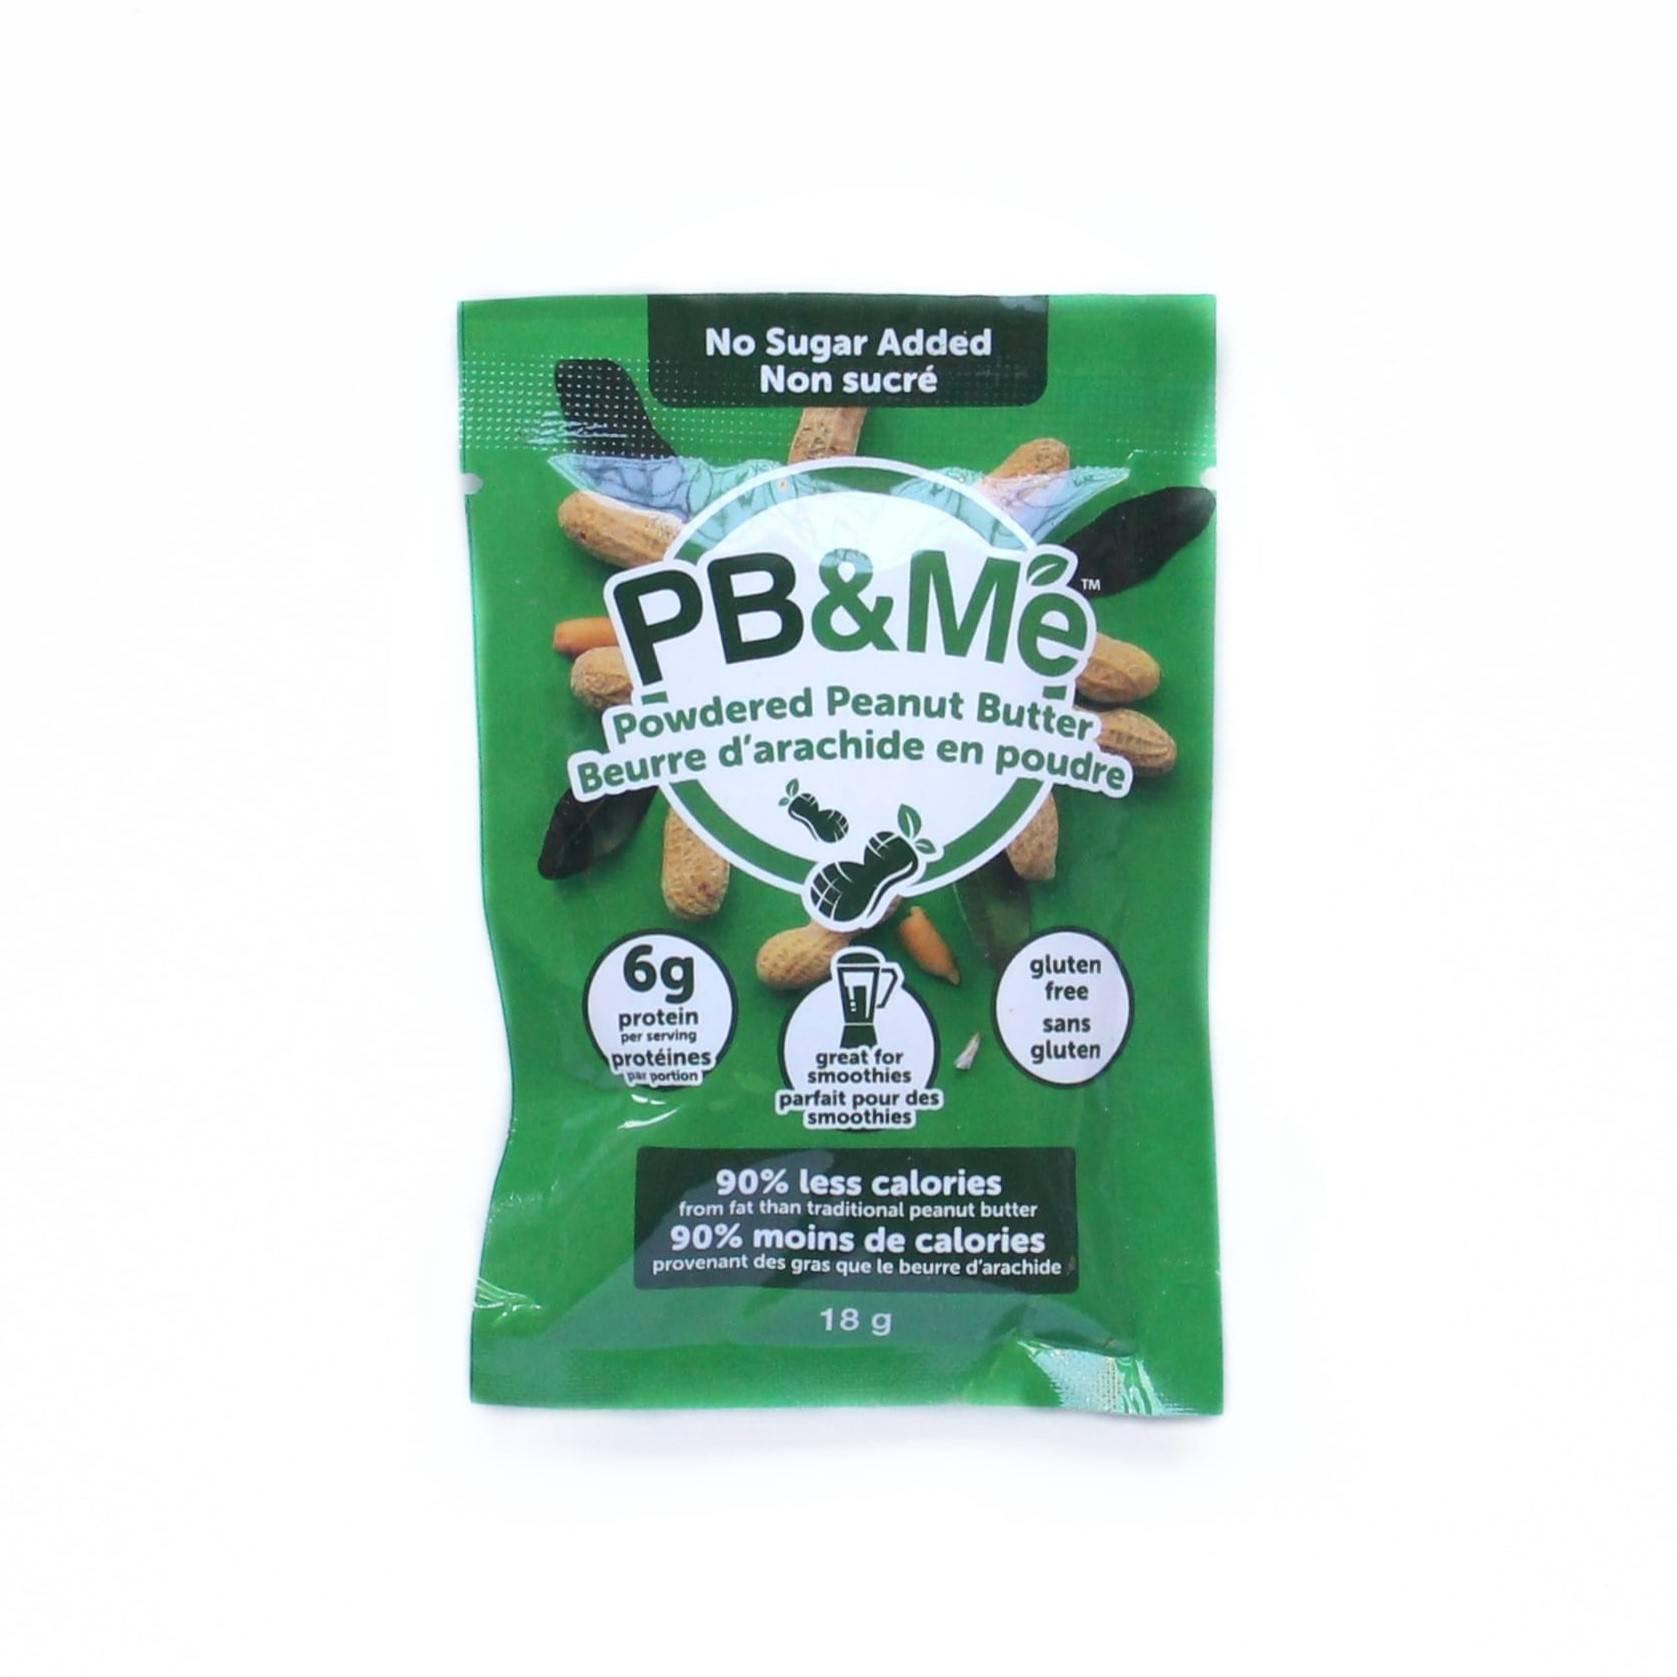 PB&ME beurre arachide poudre sans sucre